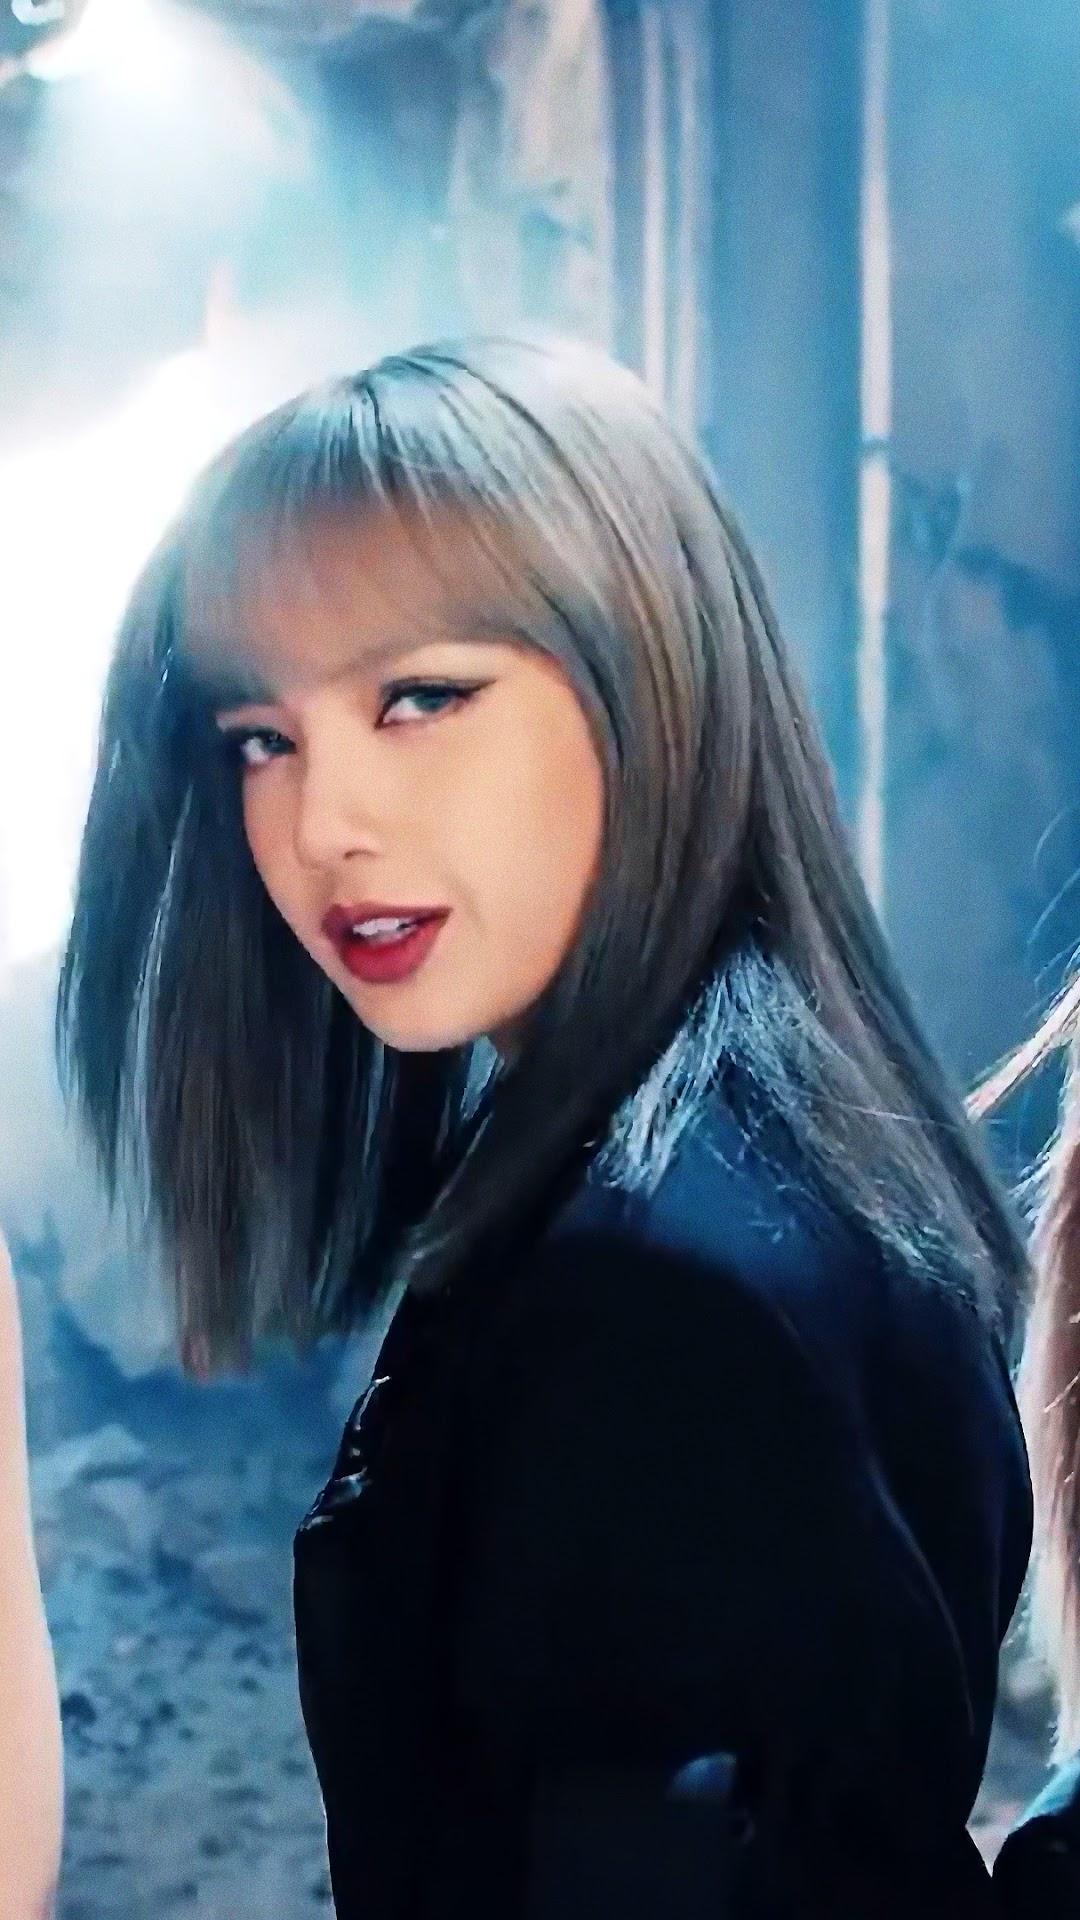 Blackpink Kill This Love Jisoo Jennie Lisa Rose 4k Wallpaper 8